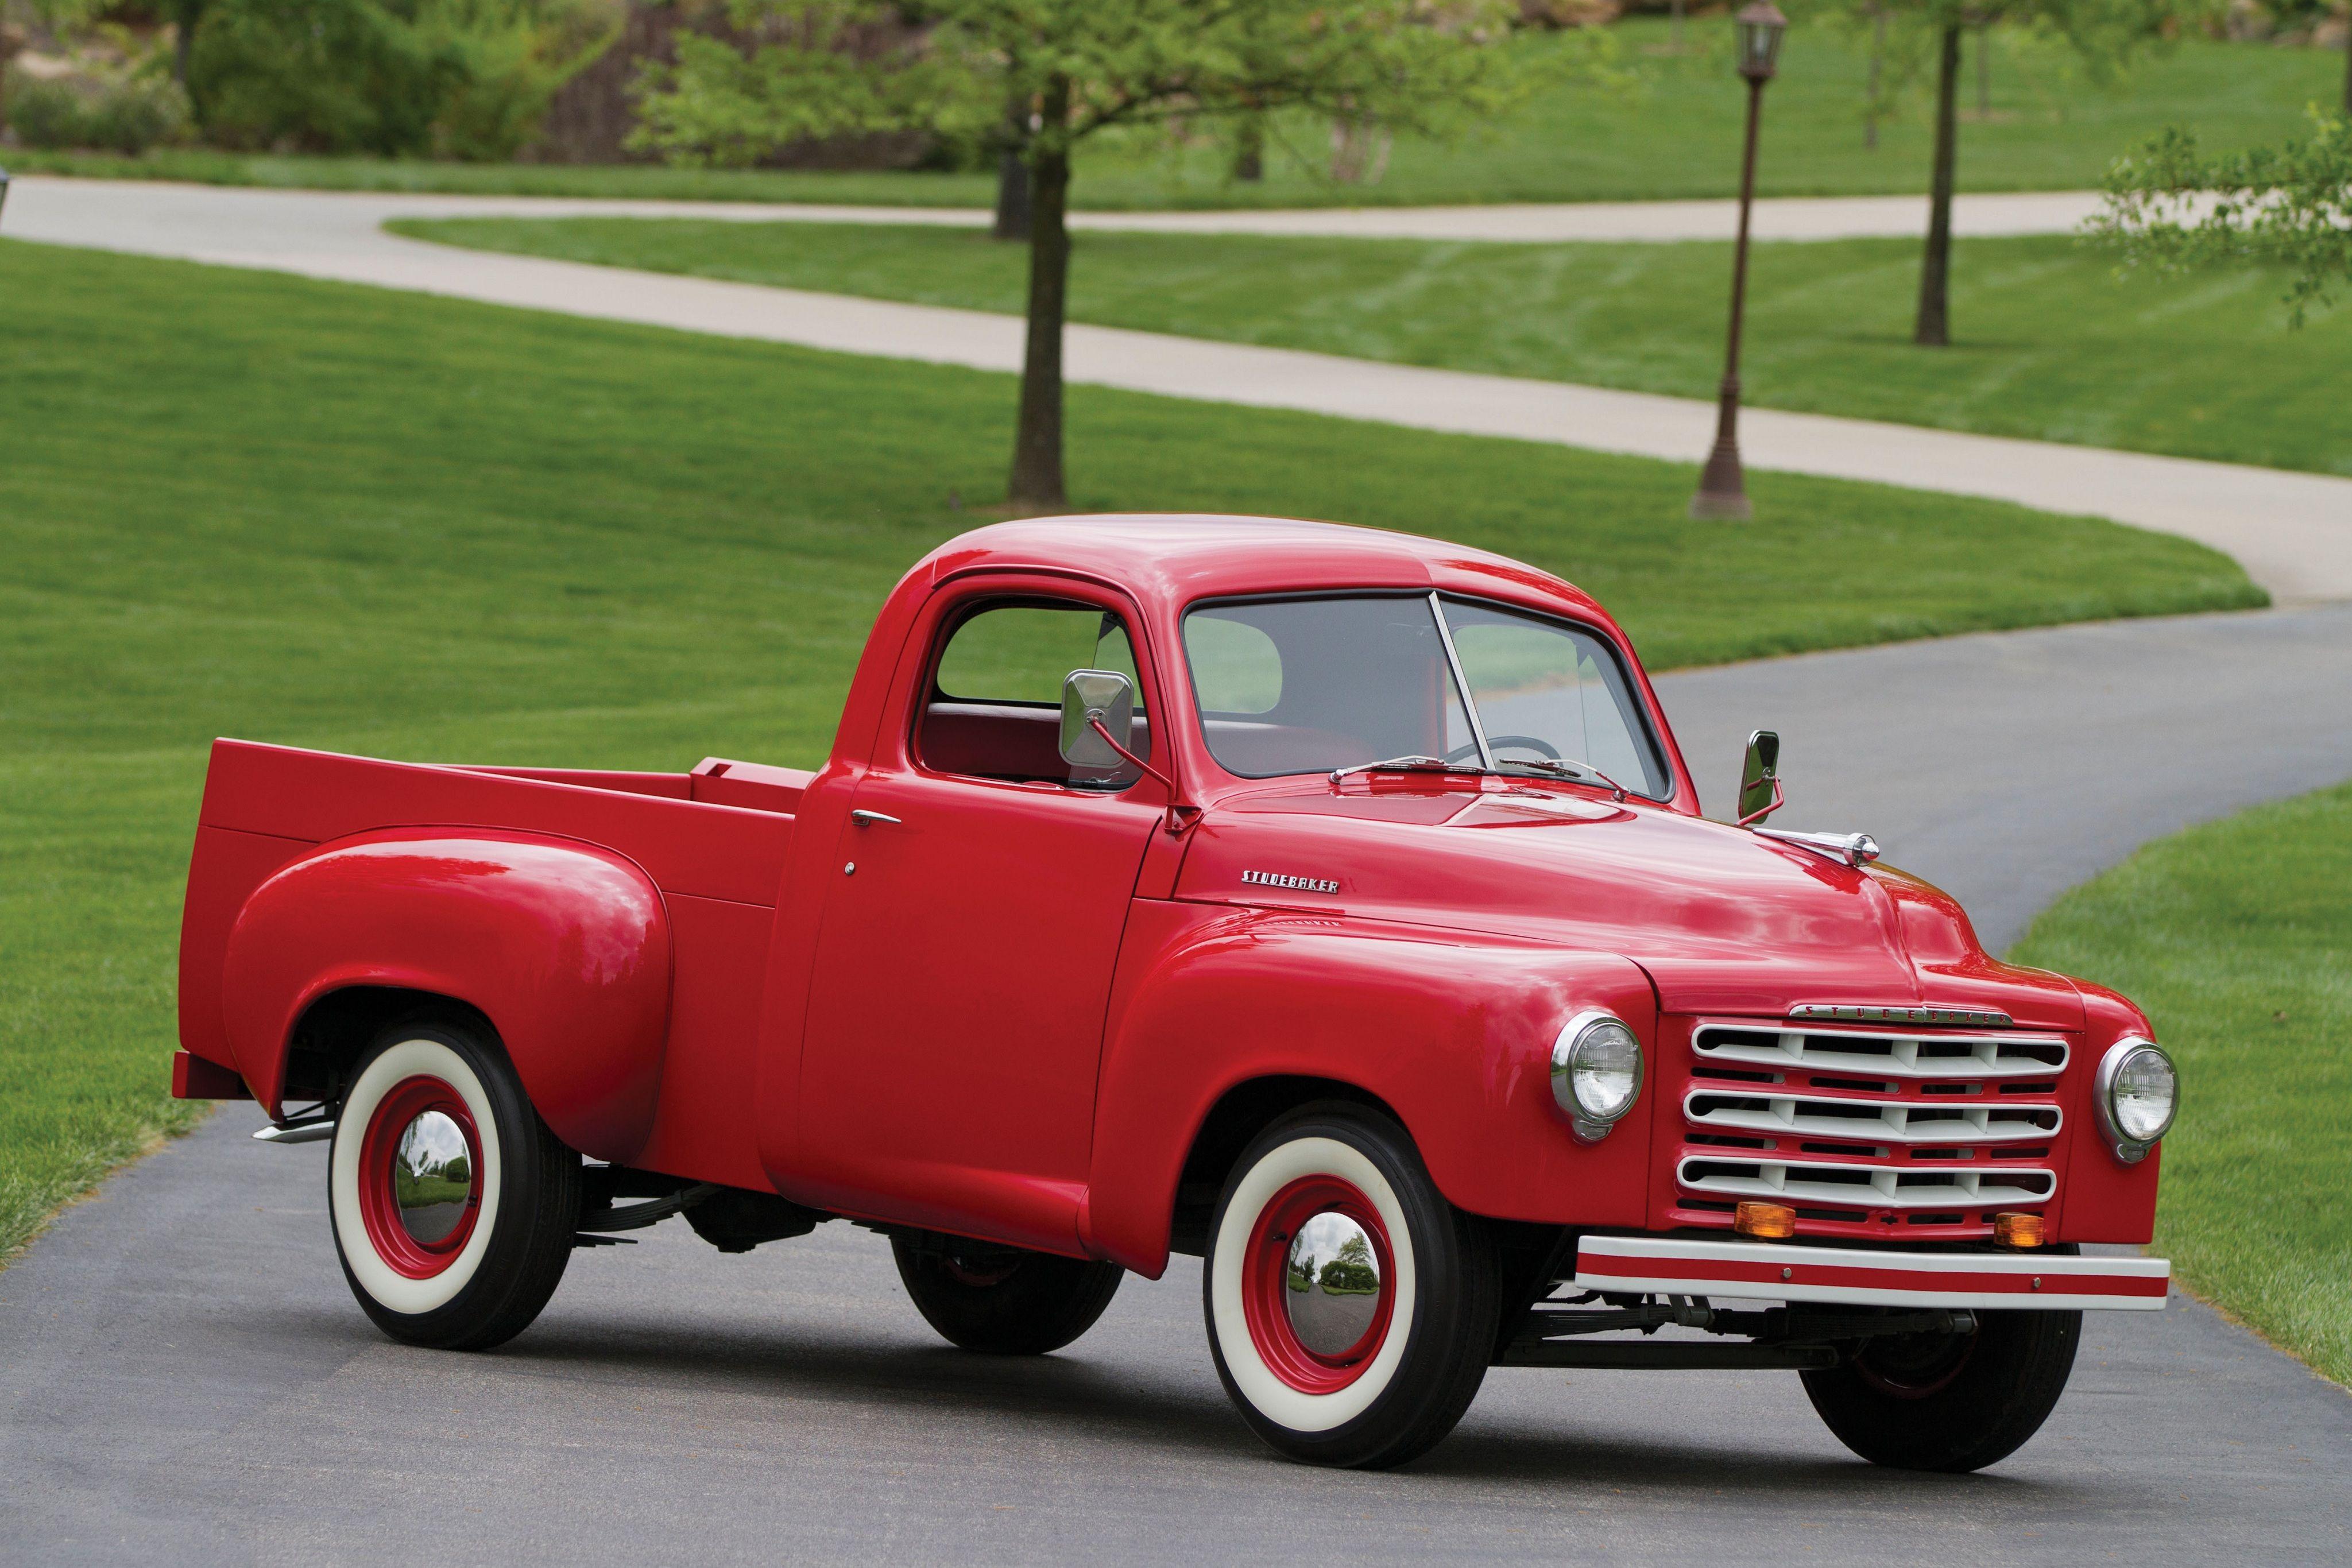 1950 Studebaker Pickup | メリケンとオージー | Pinterest | Cars ...